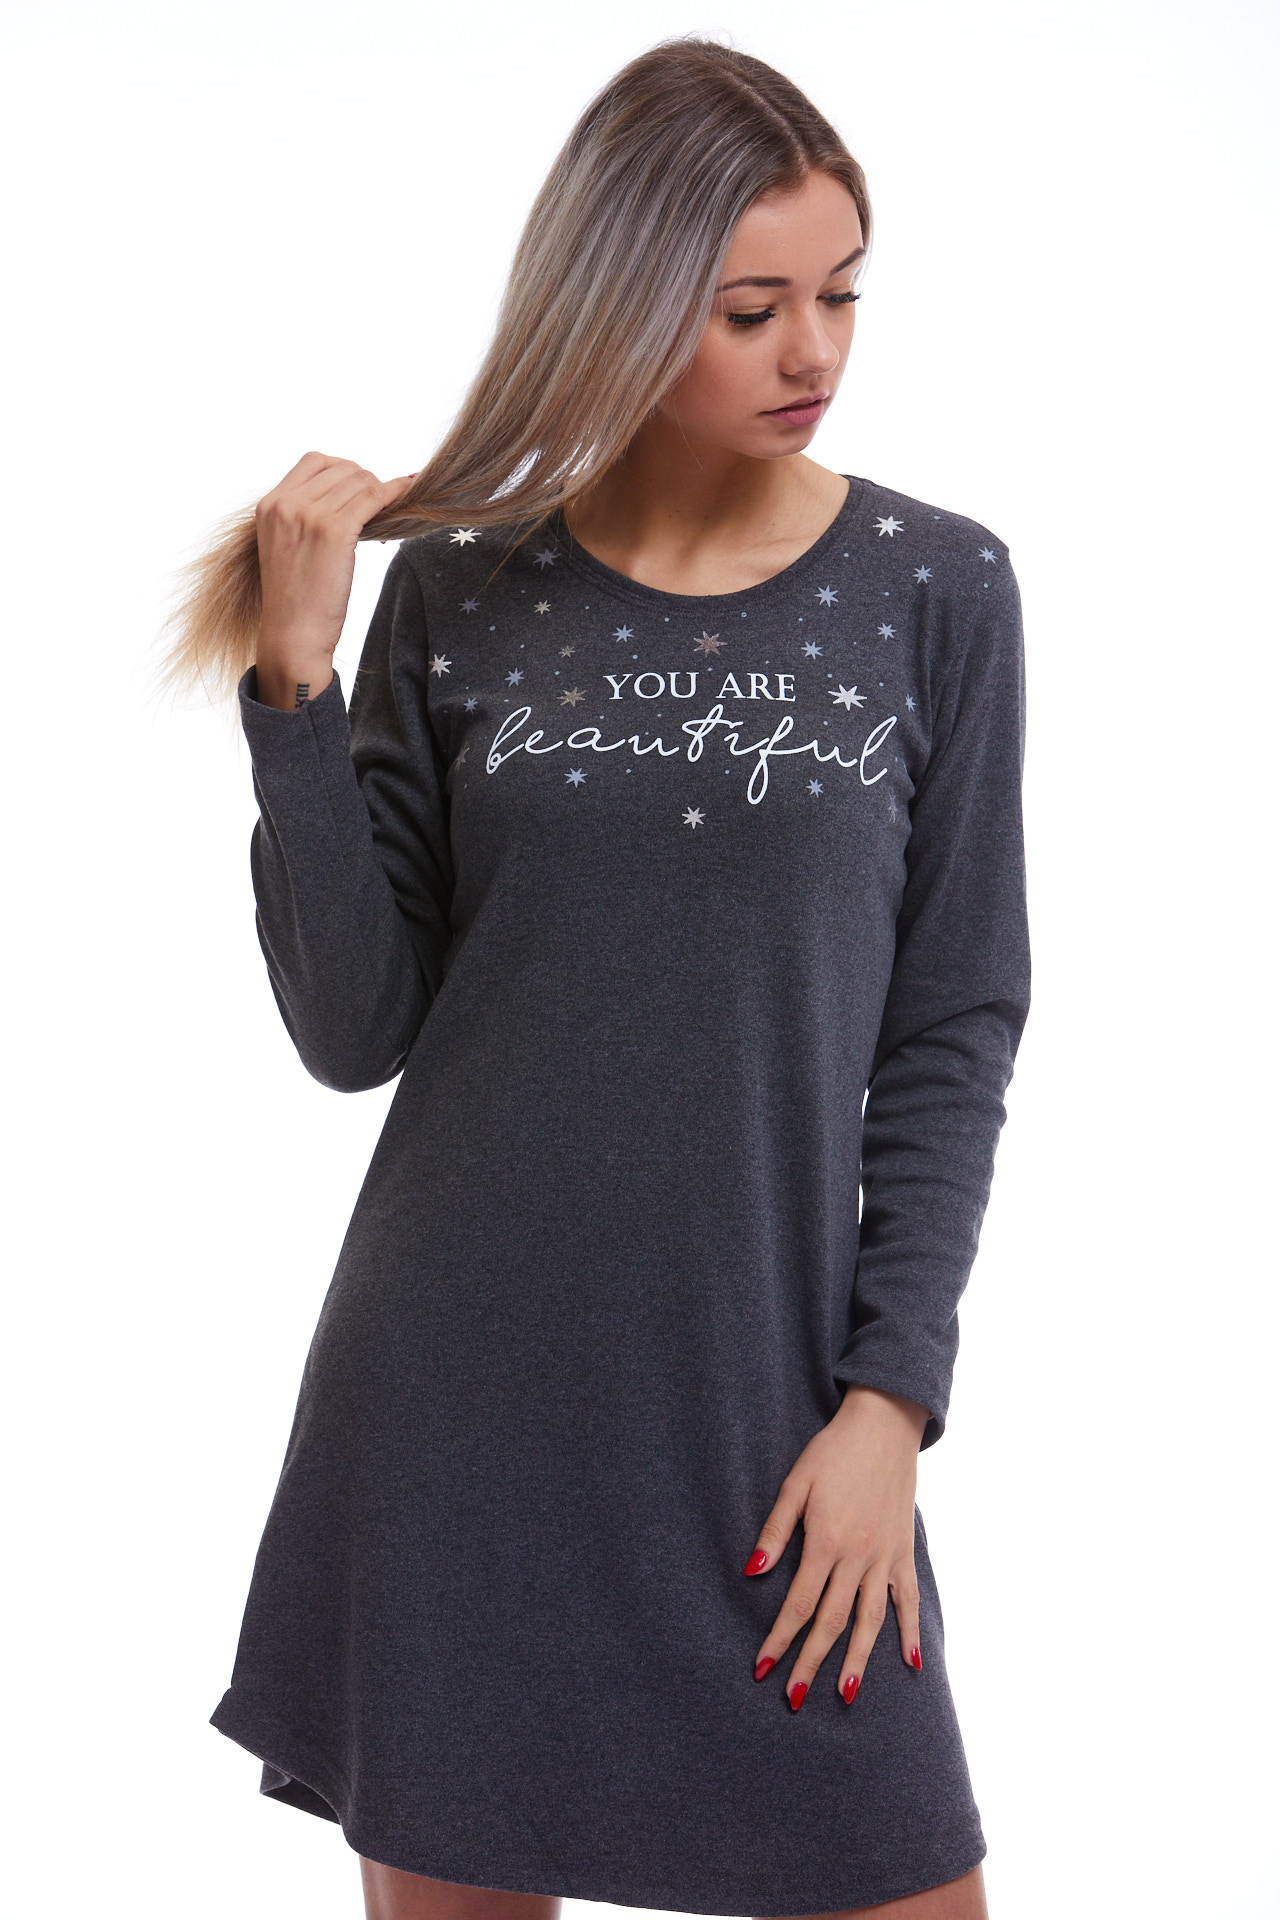 Košilka na spaní teplejší, pro ženy či dívky 1C2533